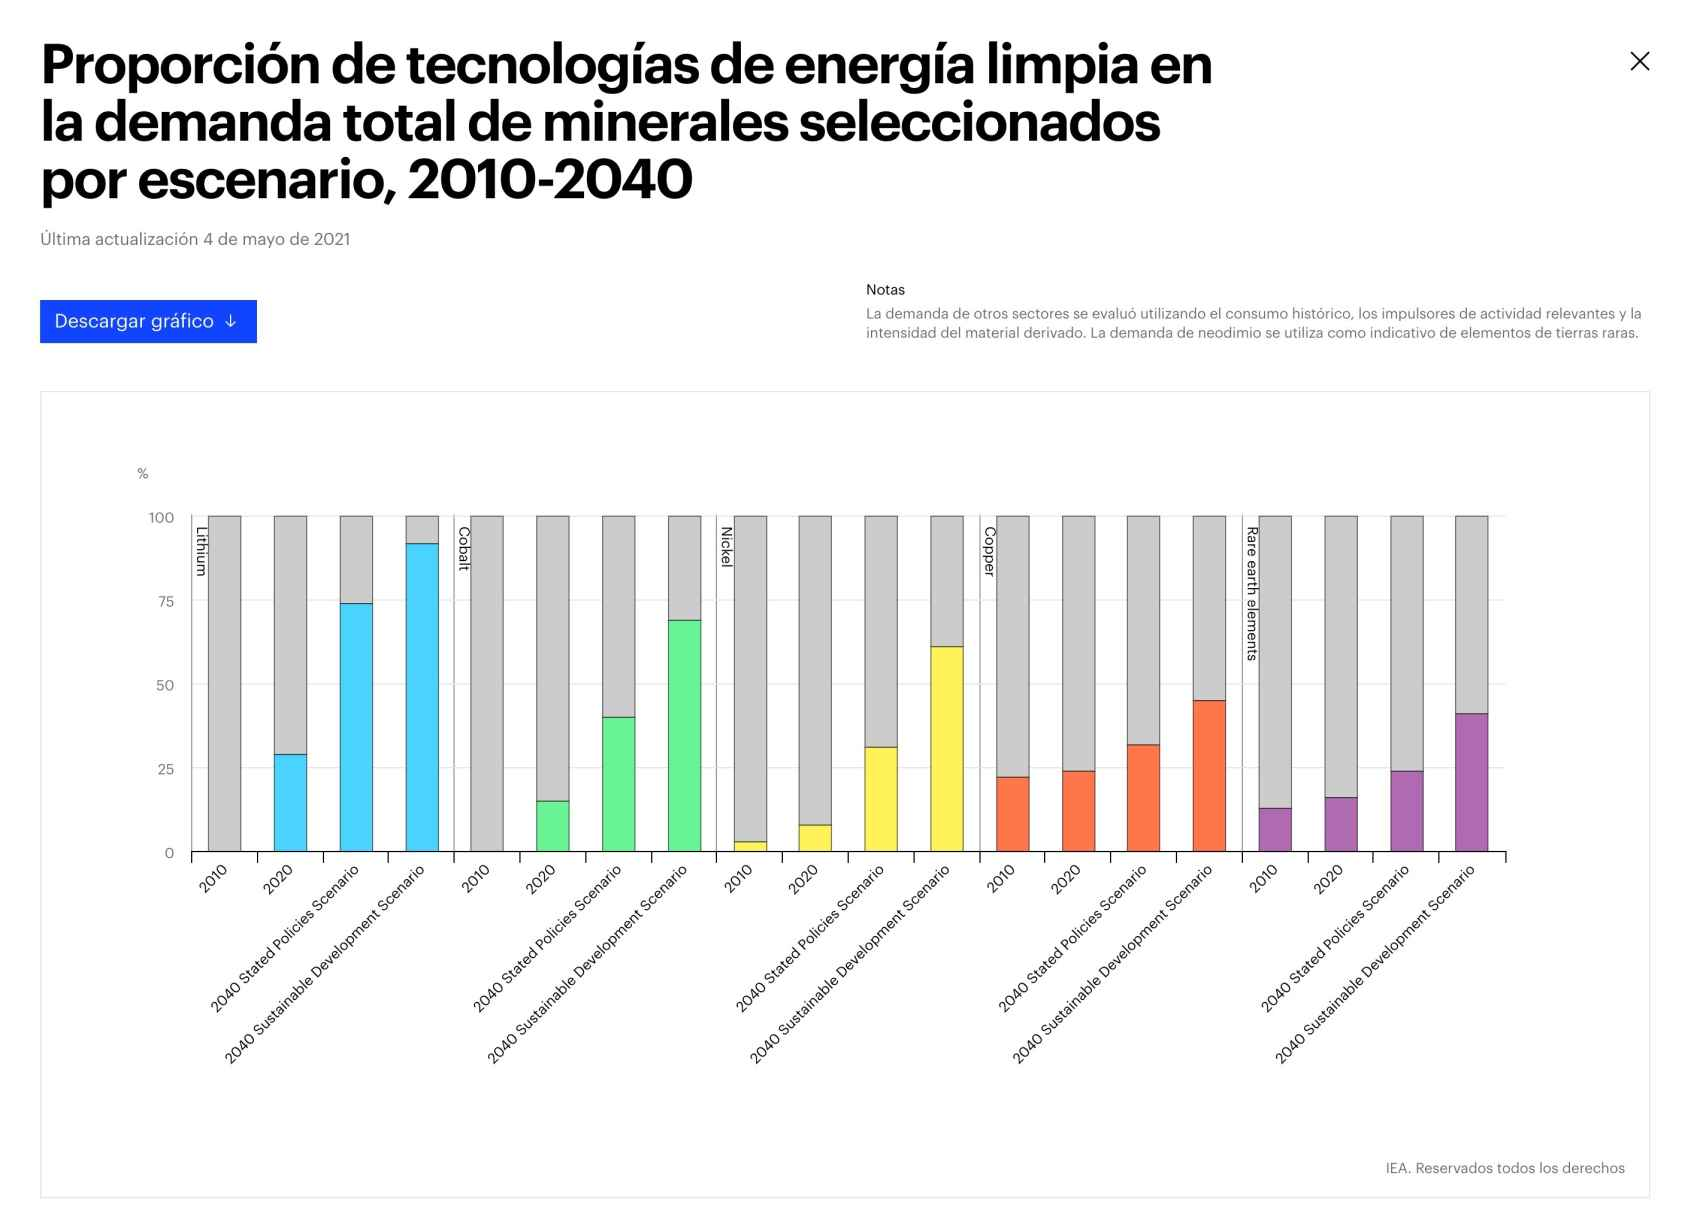 Proporción de tecnologías de energía limpia en la demanda total de minerales seleccionados por escenario, 2010-2040